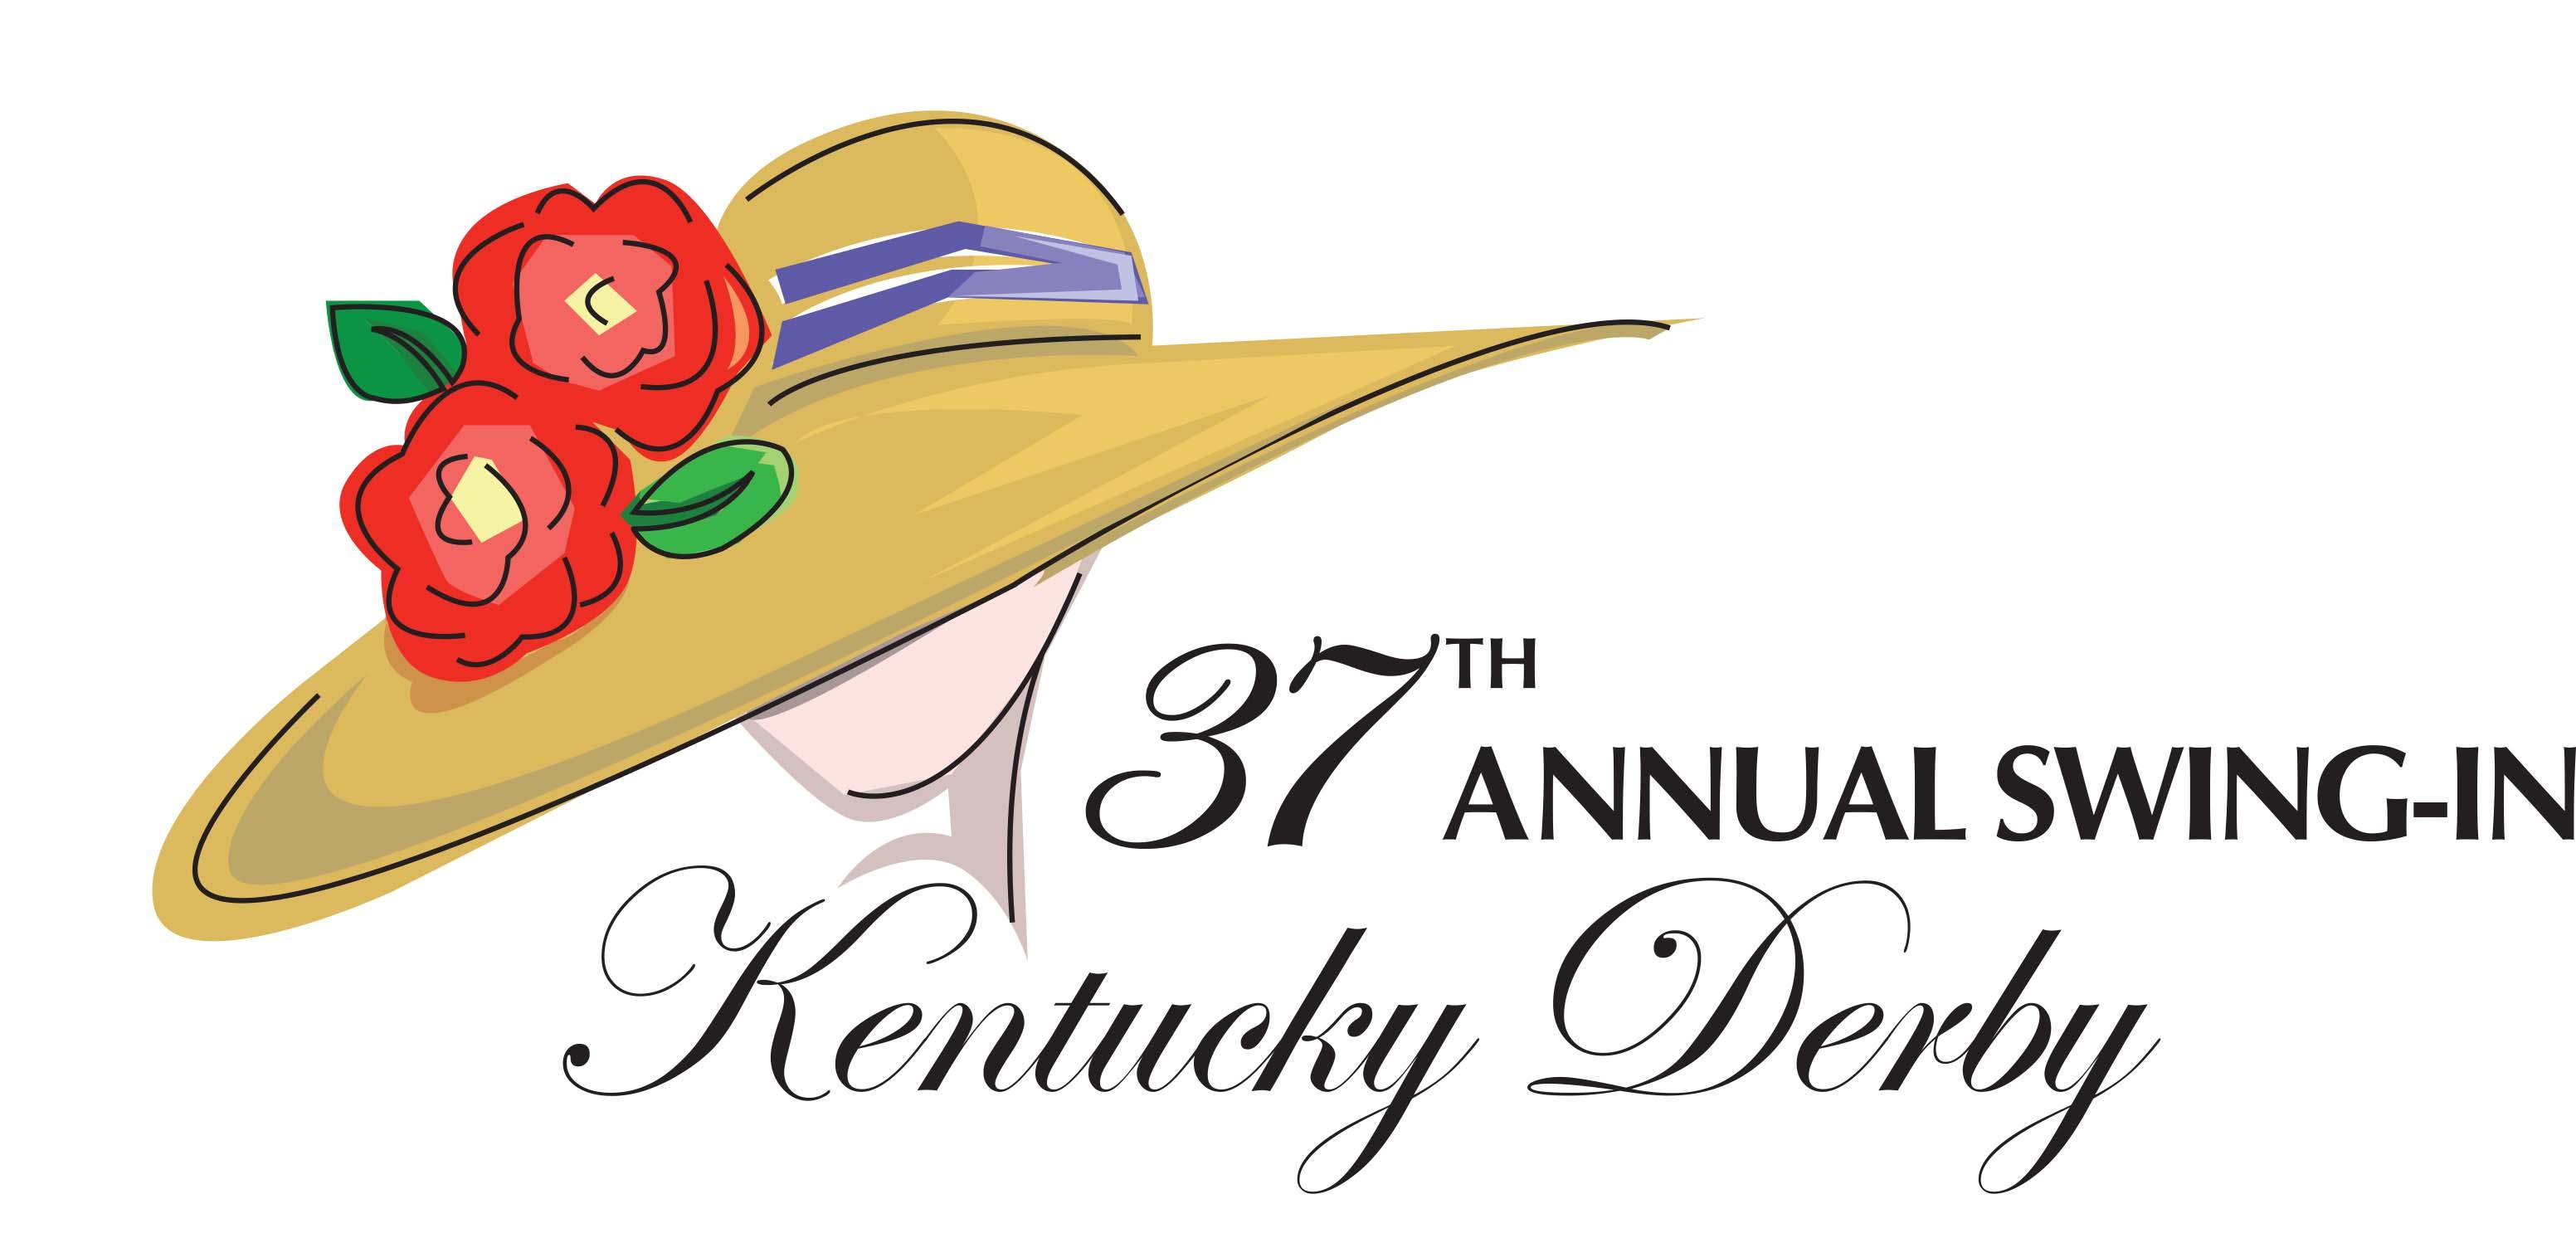 37th Annual Swing-In Kentucky Derby